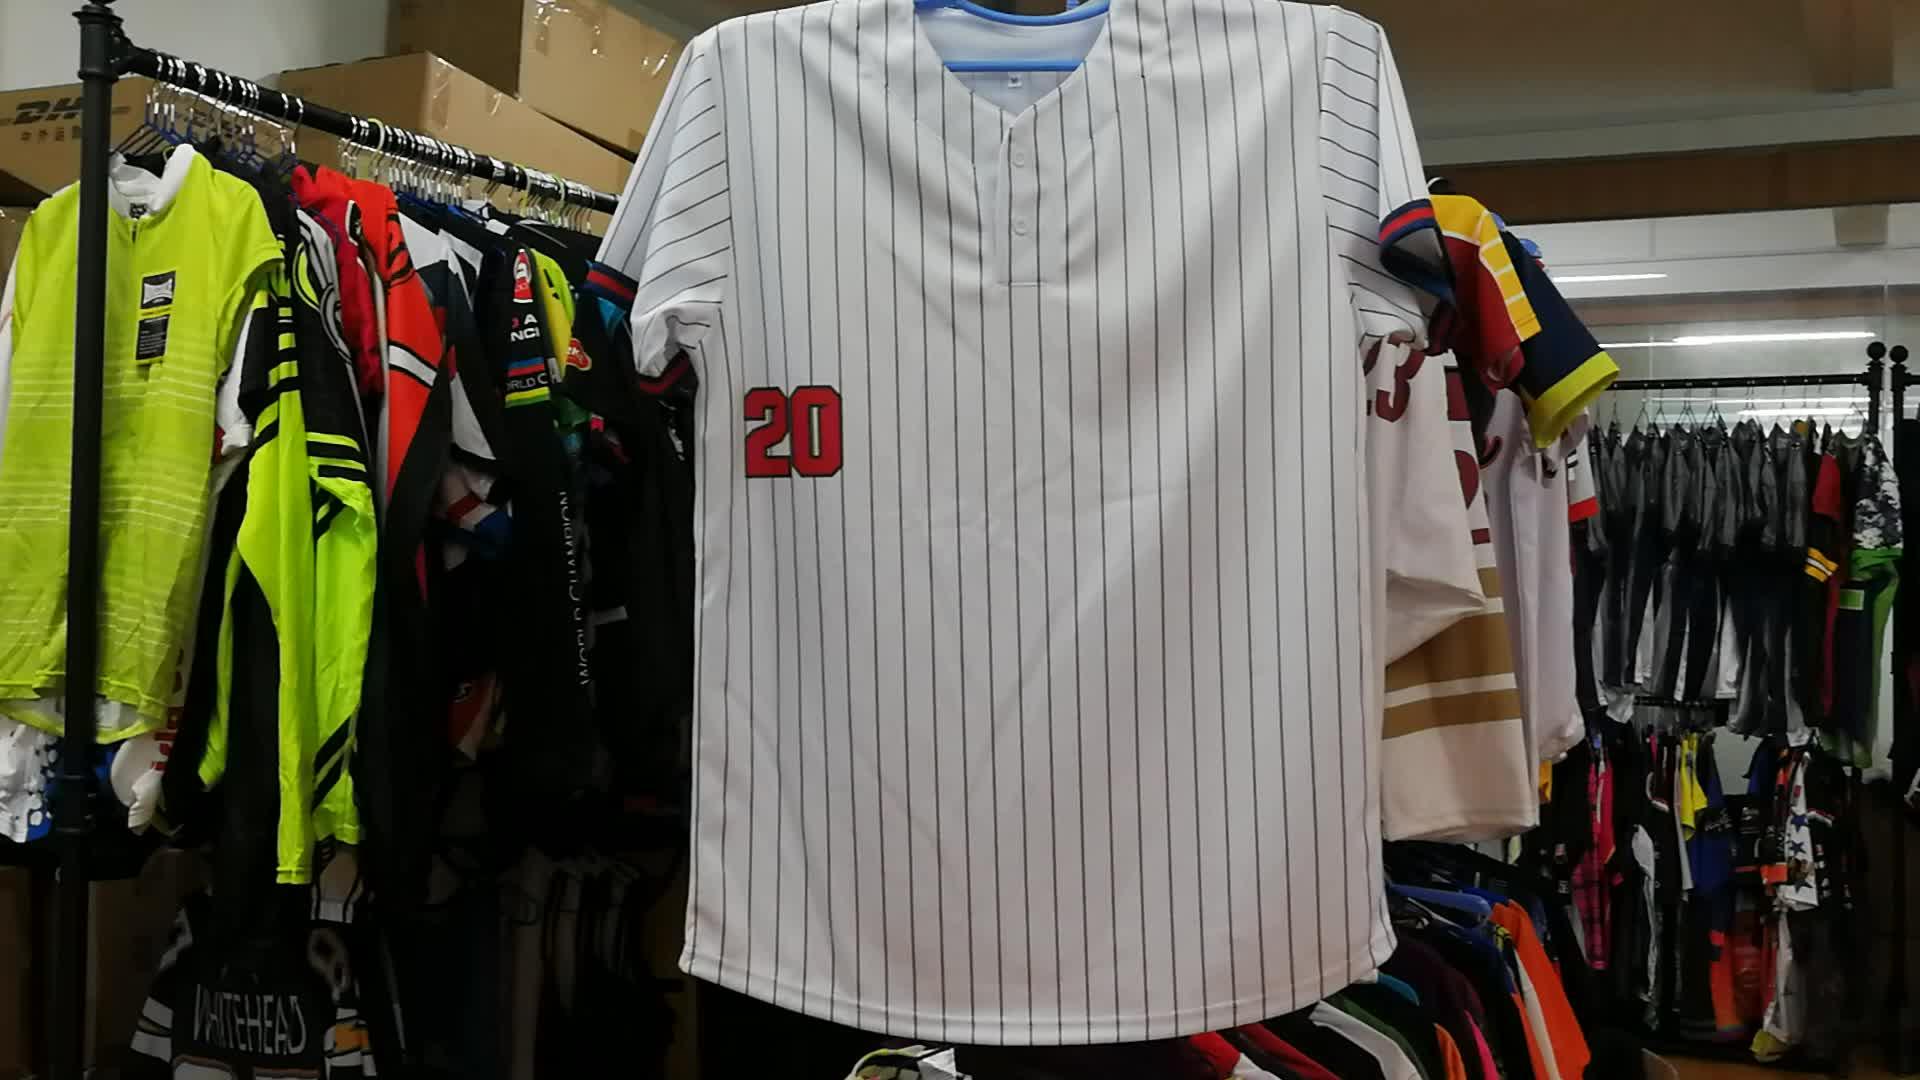 100 Polyester Özel Boş Düz Yüceltilmiş Beyzbol Forması